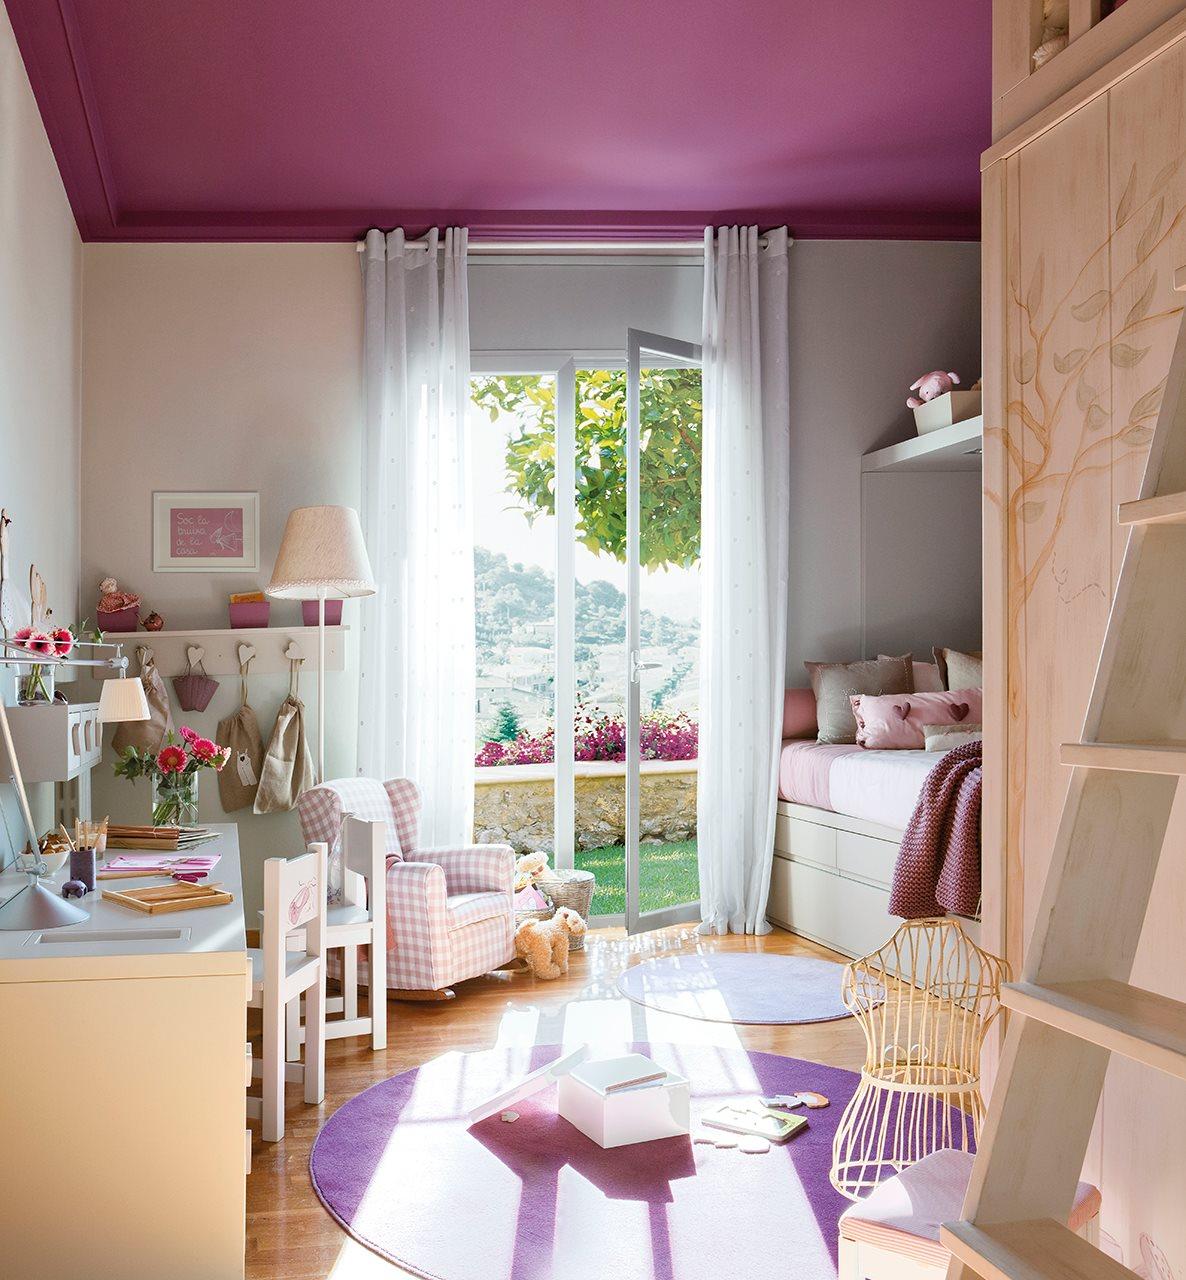 dormitorio infantil con techo en violeta luminoso dormitorio infantil con escritorio y ventanal hacia el - Pintar Habitacion